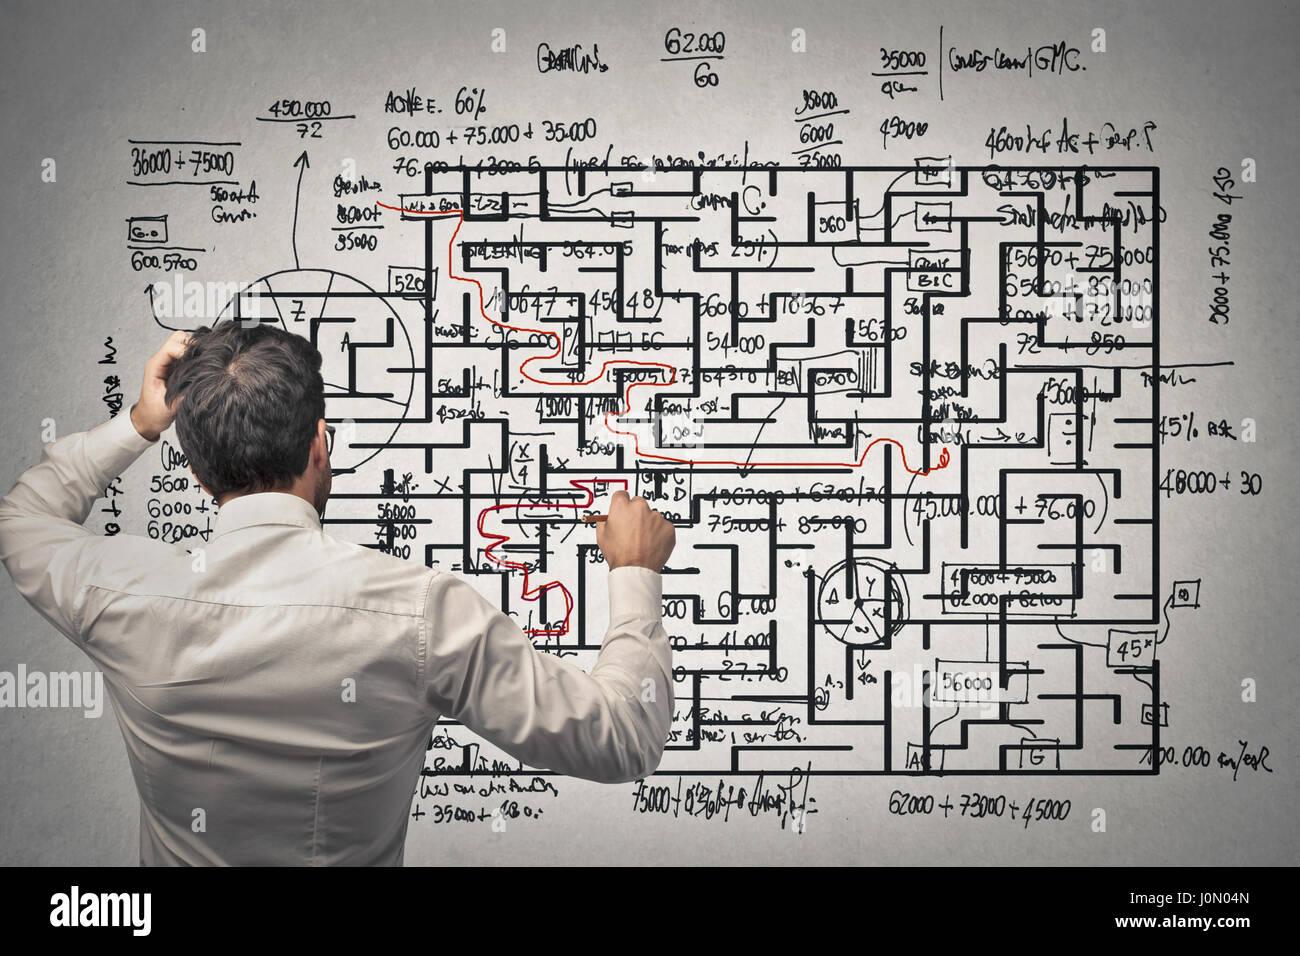 Mann ein Labyrinth zu lösen Stockbild